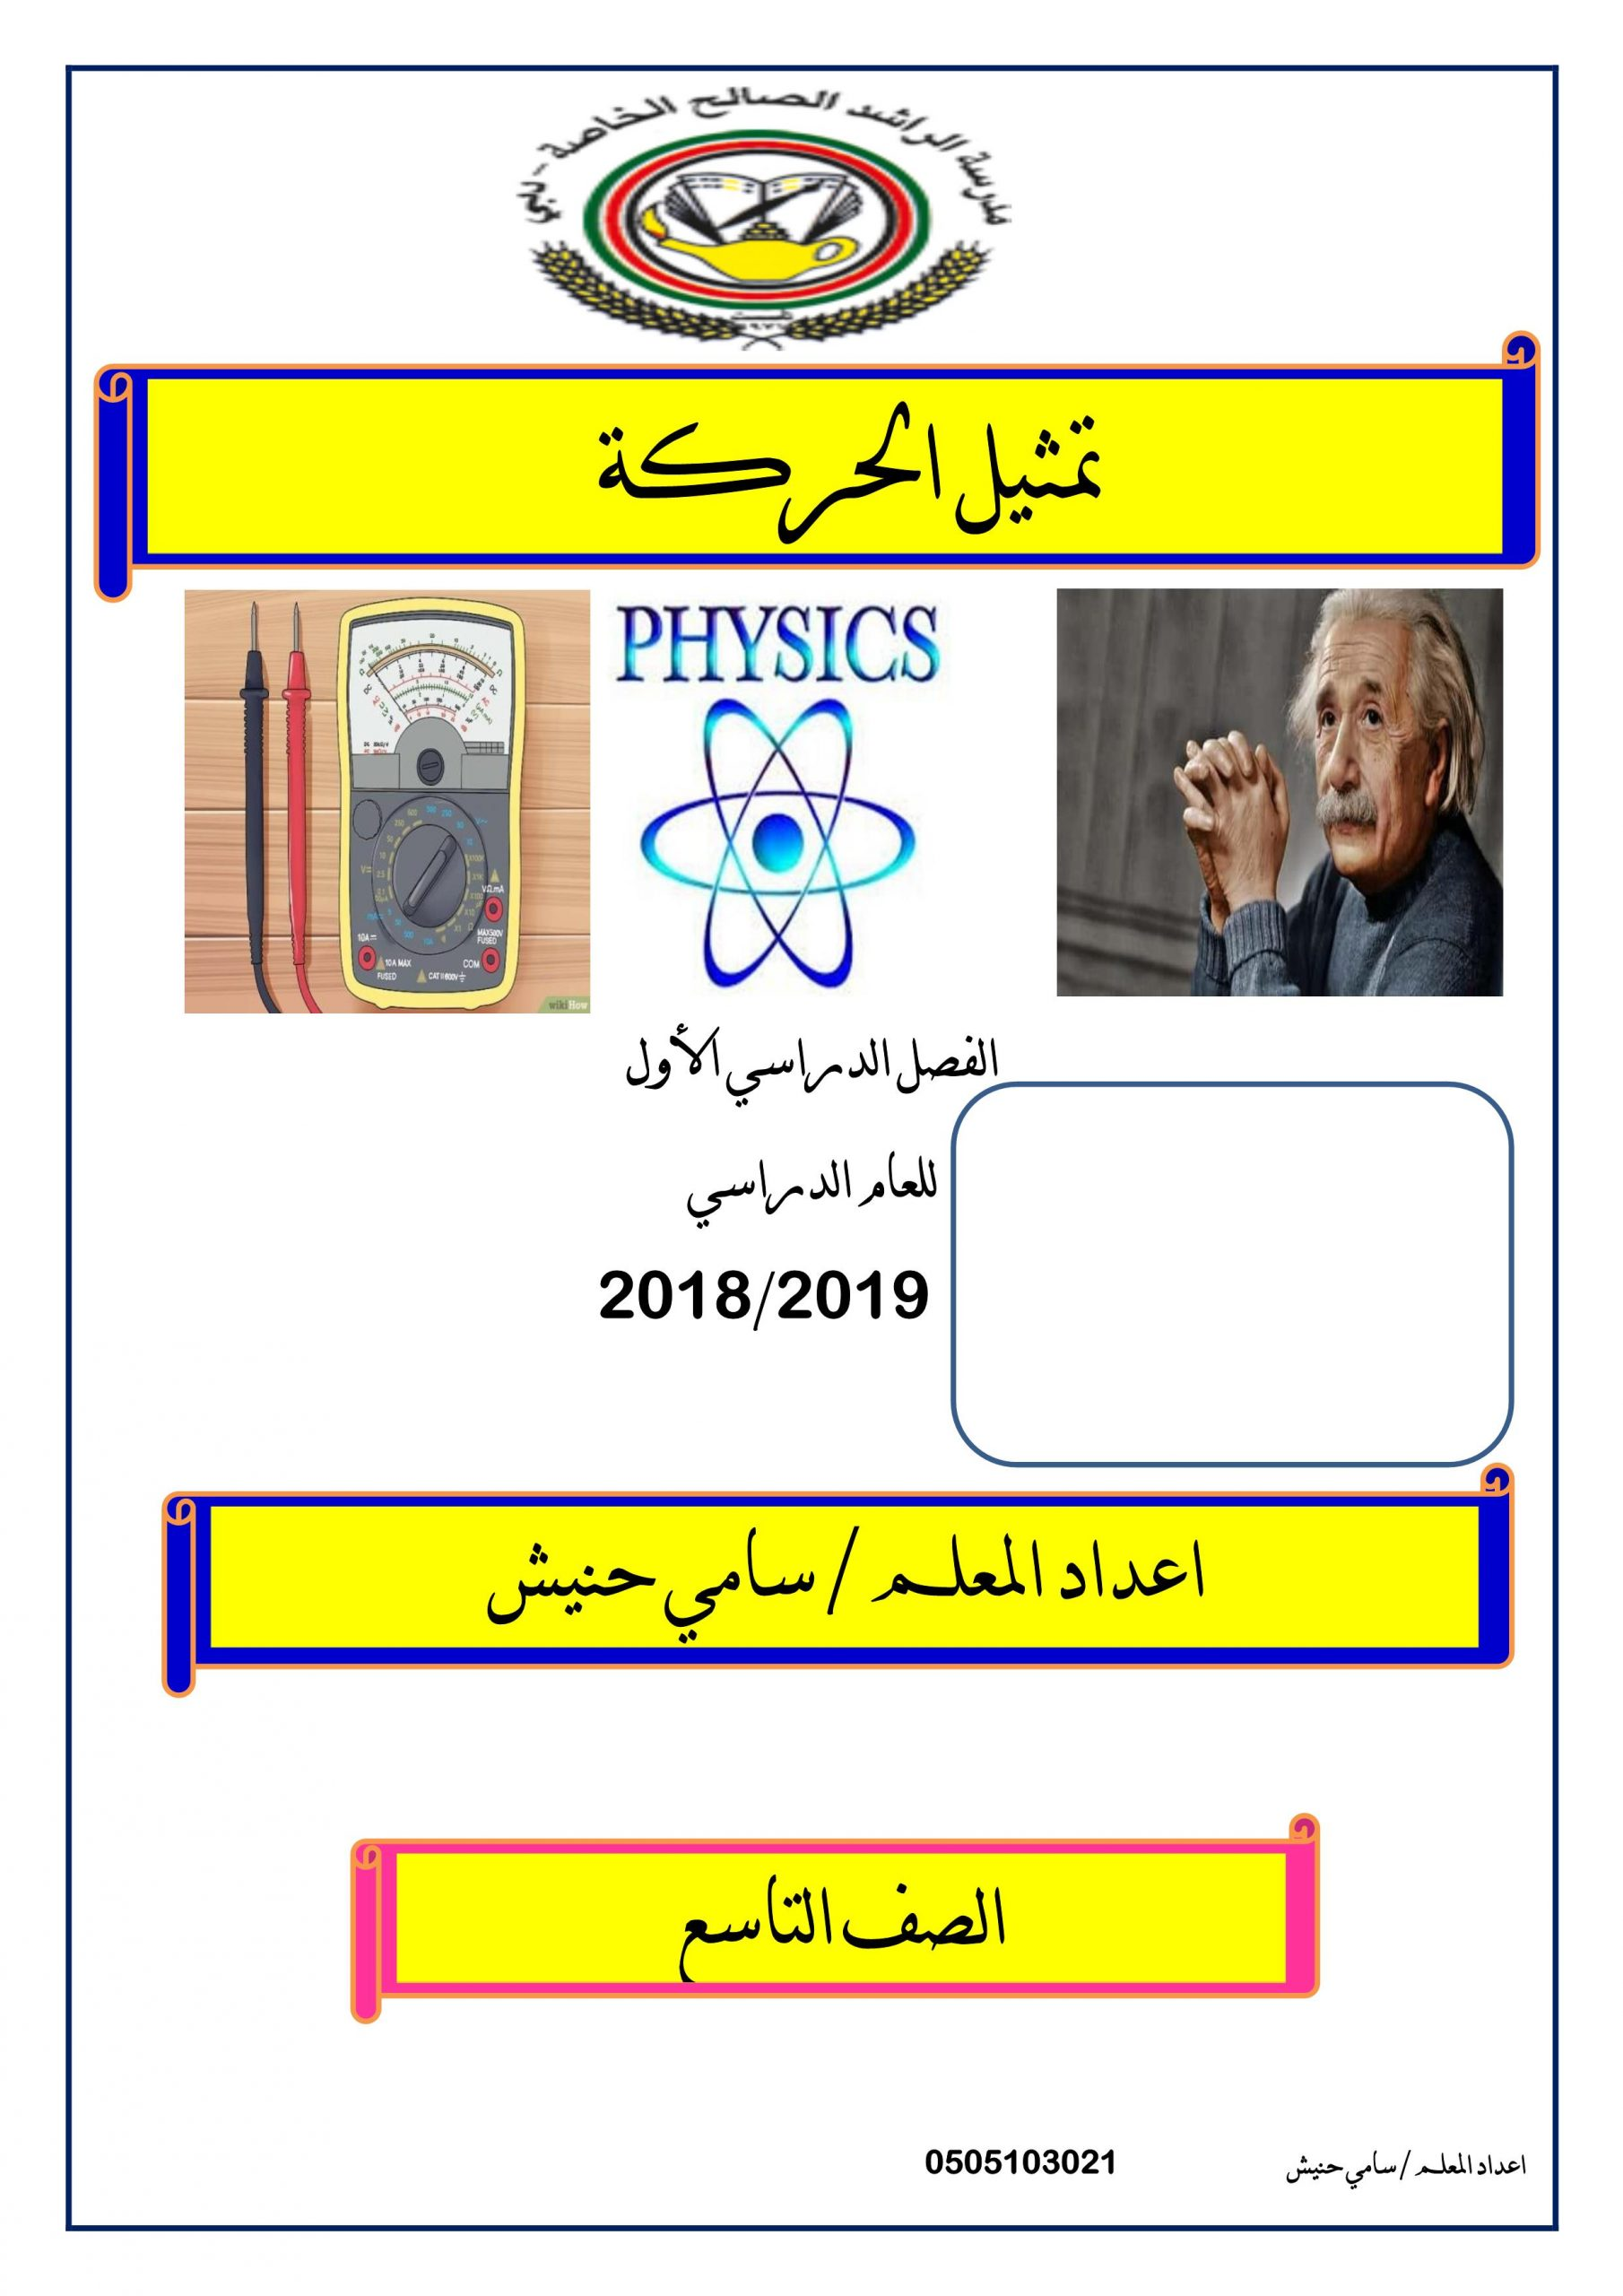 ملخص تمثيل الحركة الفصل الدراسي الاول الصف التاسع مادة الفيزياء